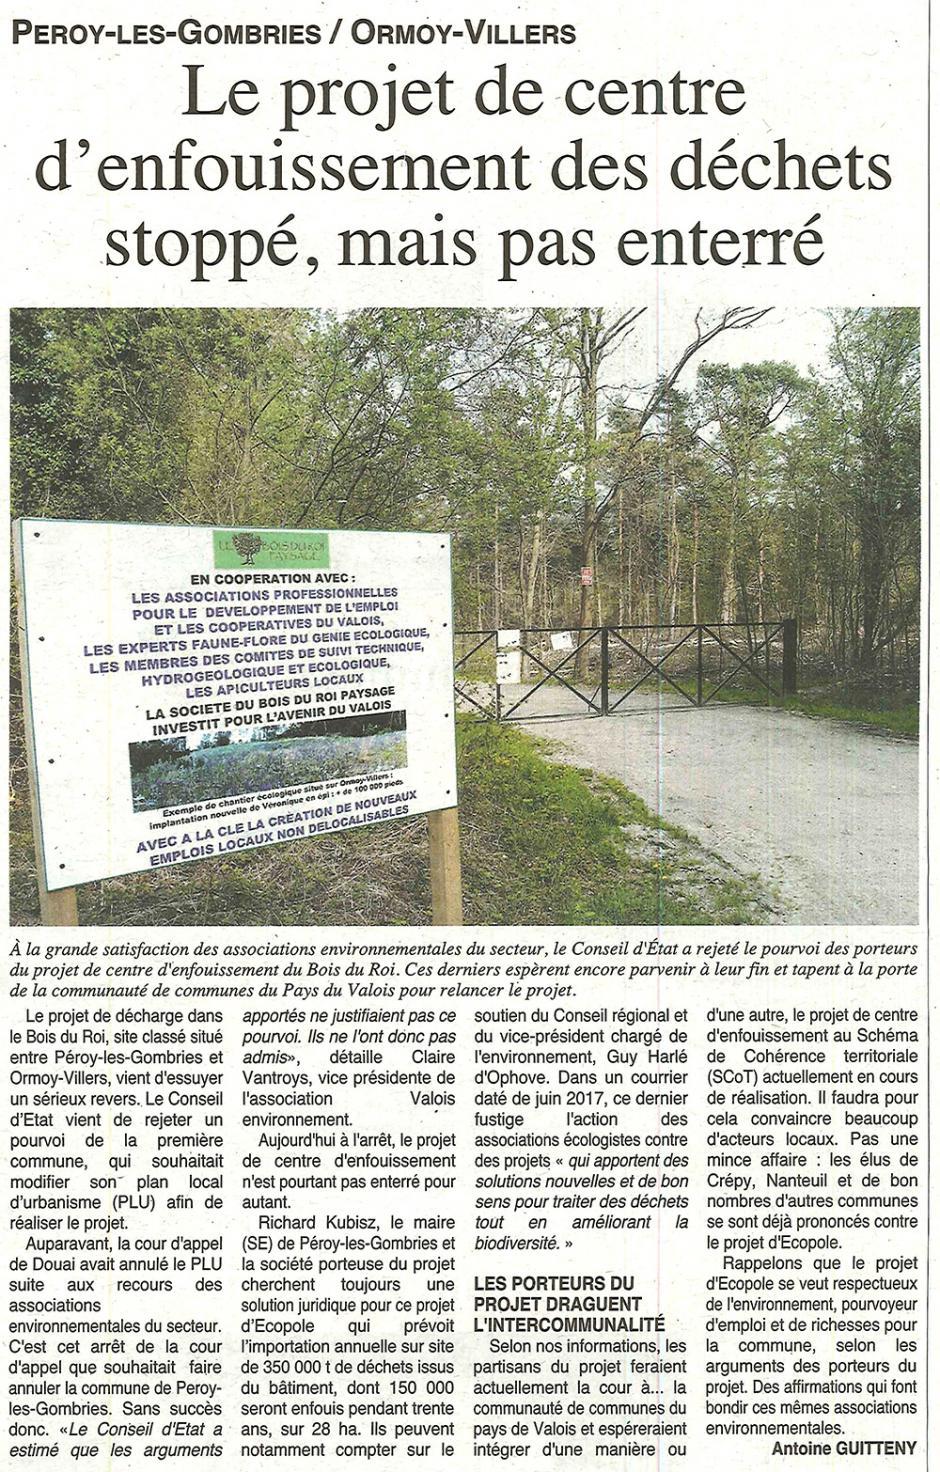 20170726-OH-Péroy-les-Gombries-Le projet de centre d'enfouissement des déchets stoppé, mais pas enterré